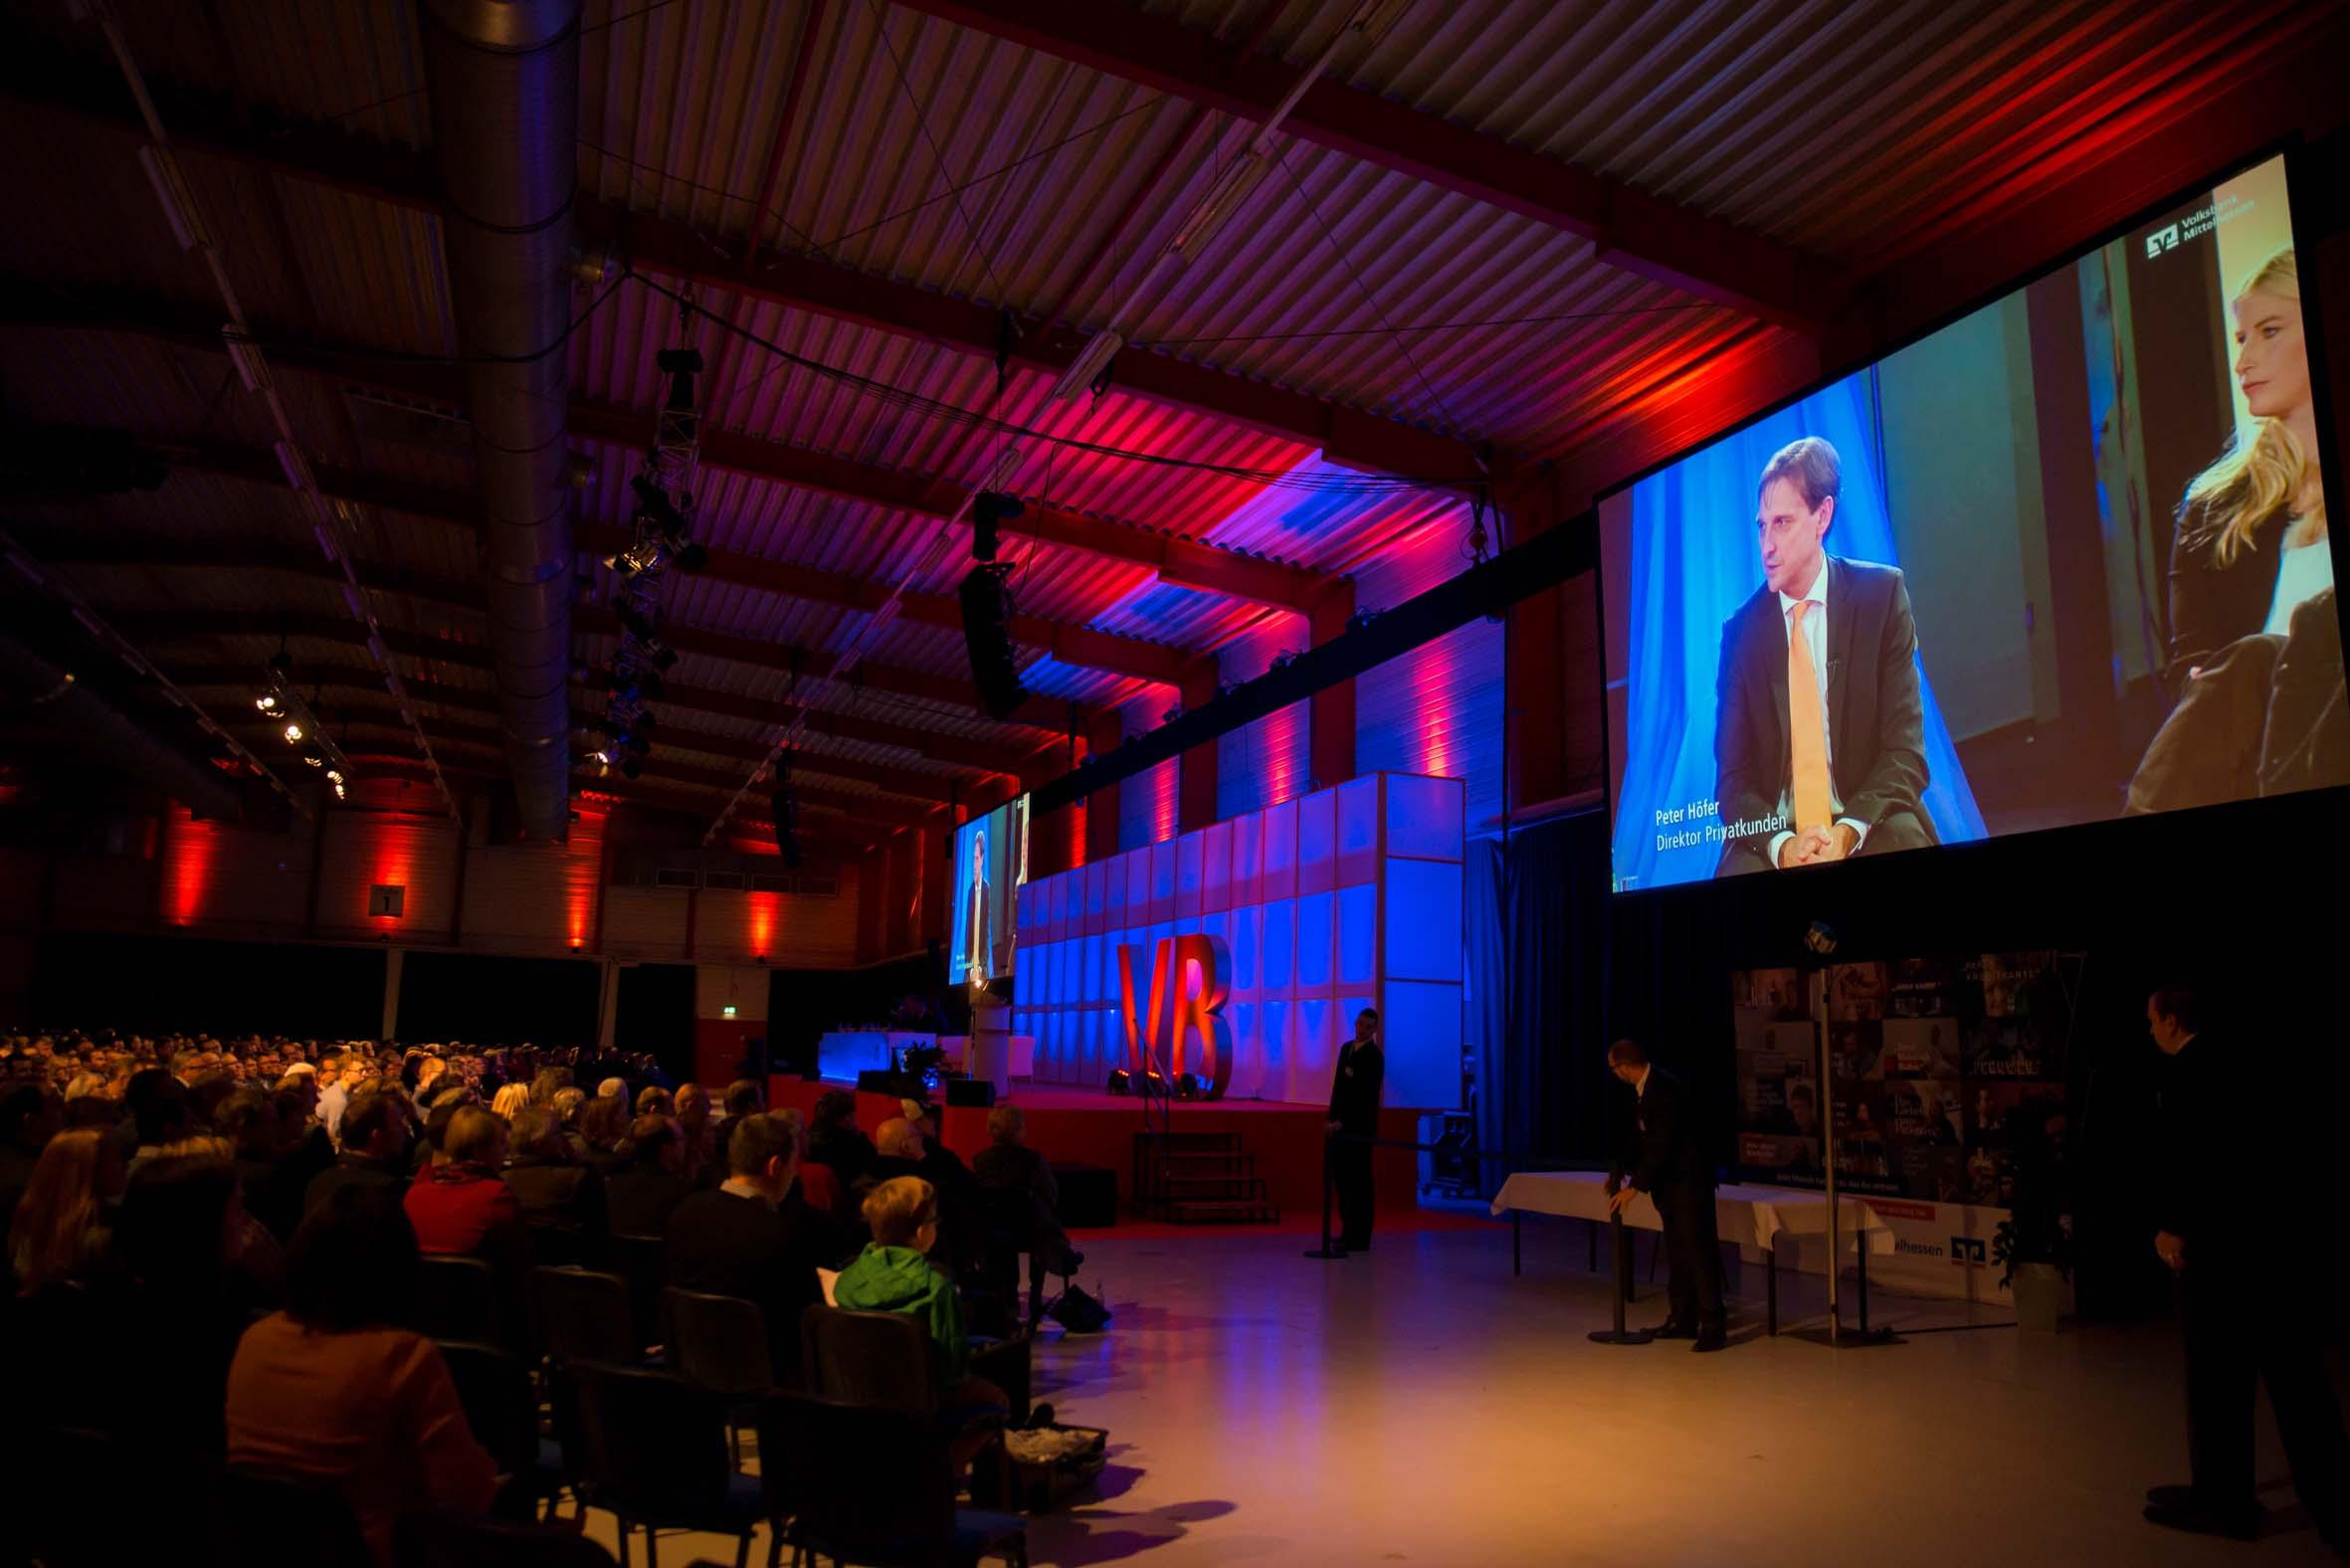 Bildergalerie Mitgliederversammlung 2015 in Gießen, Bild 29